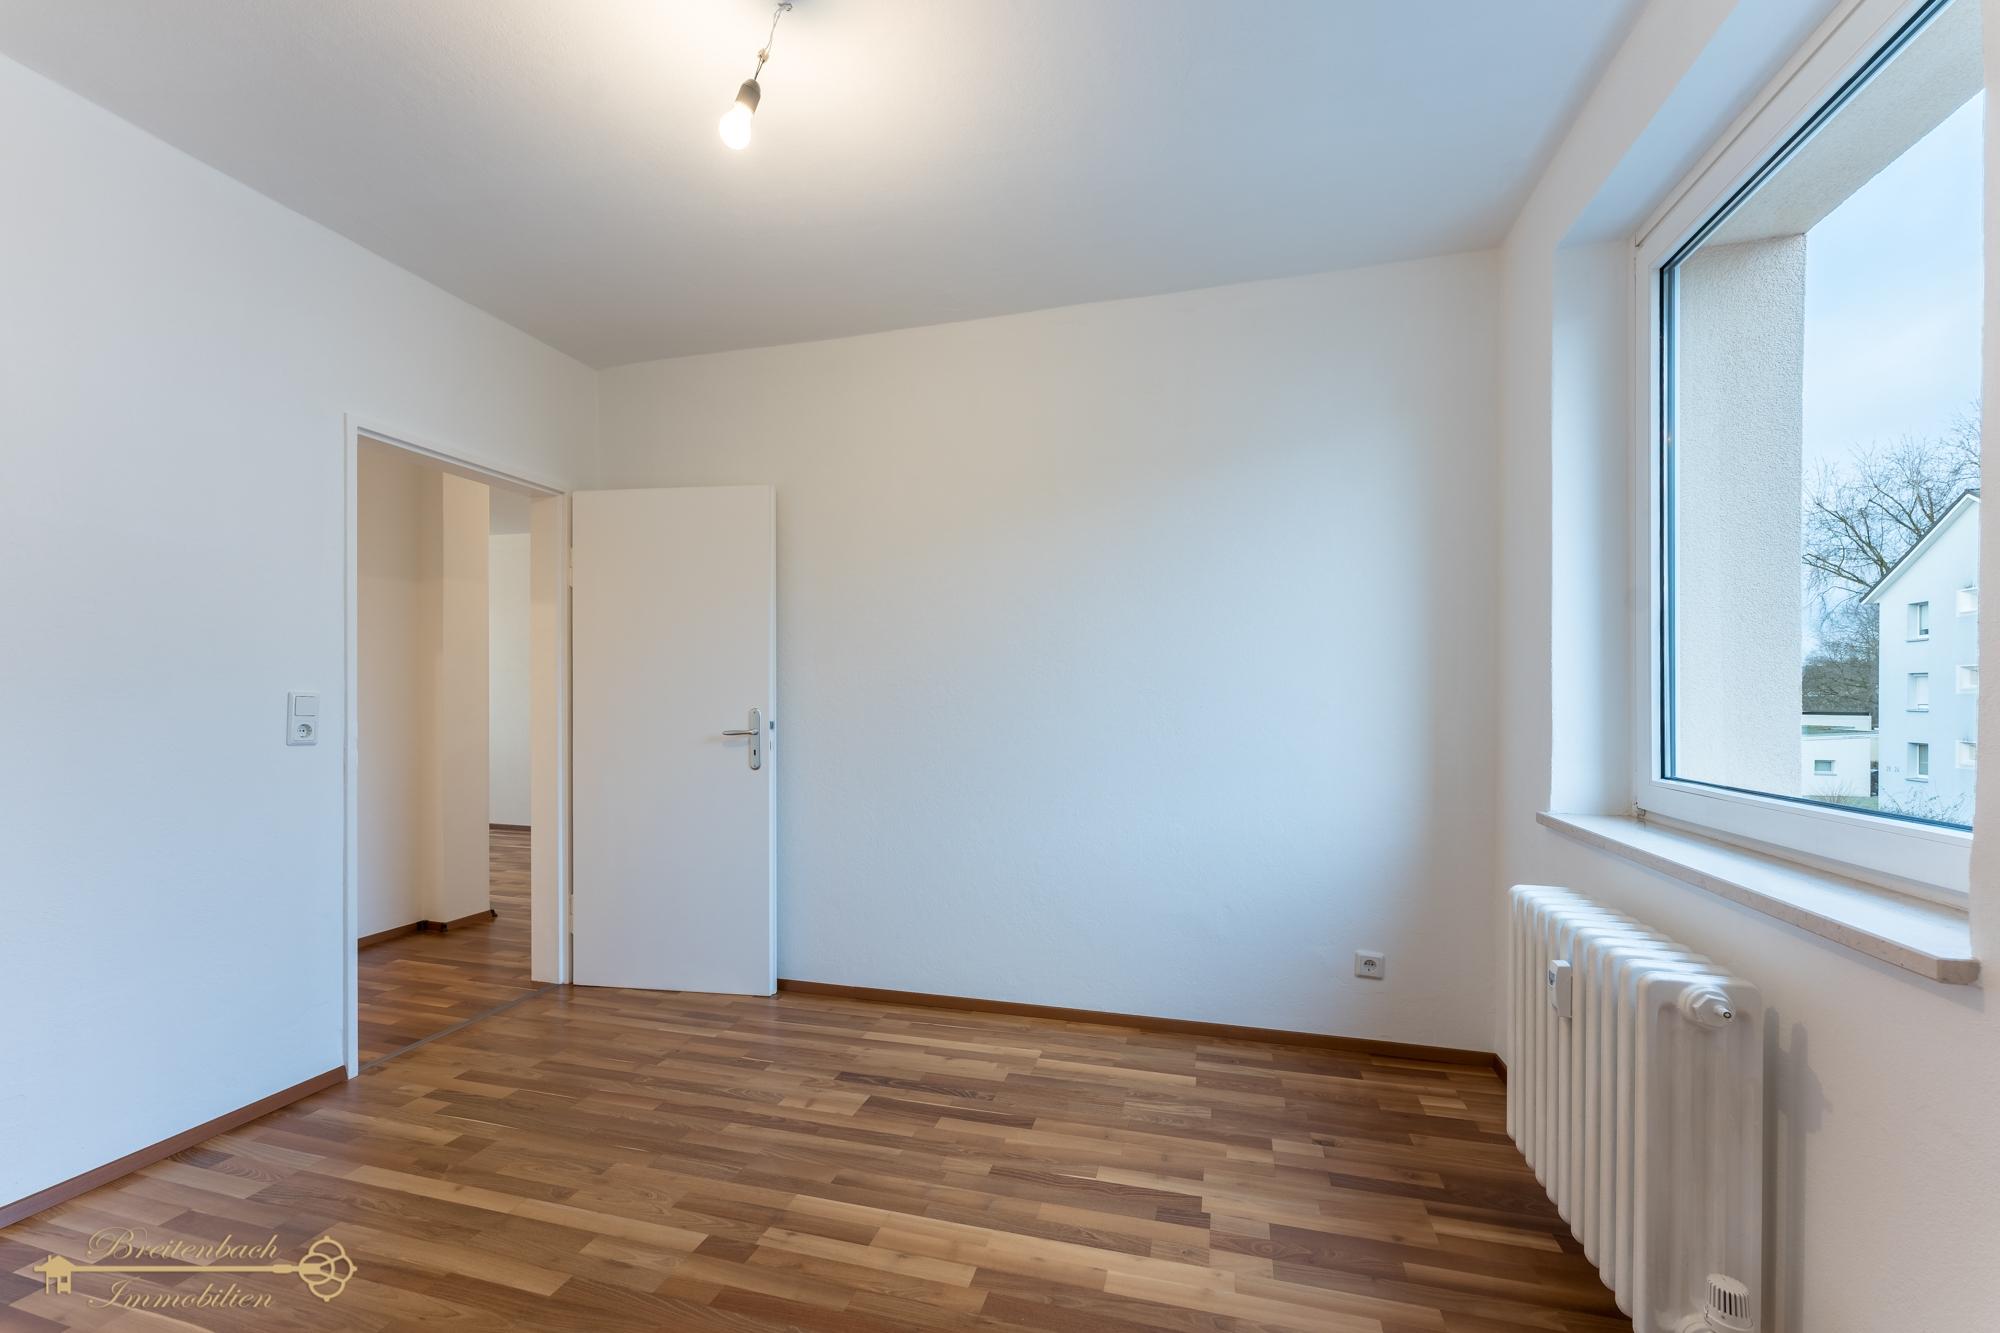 2021-01-09-Breitenbach-Immobilien-8